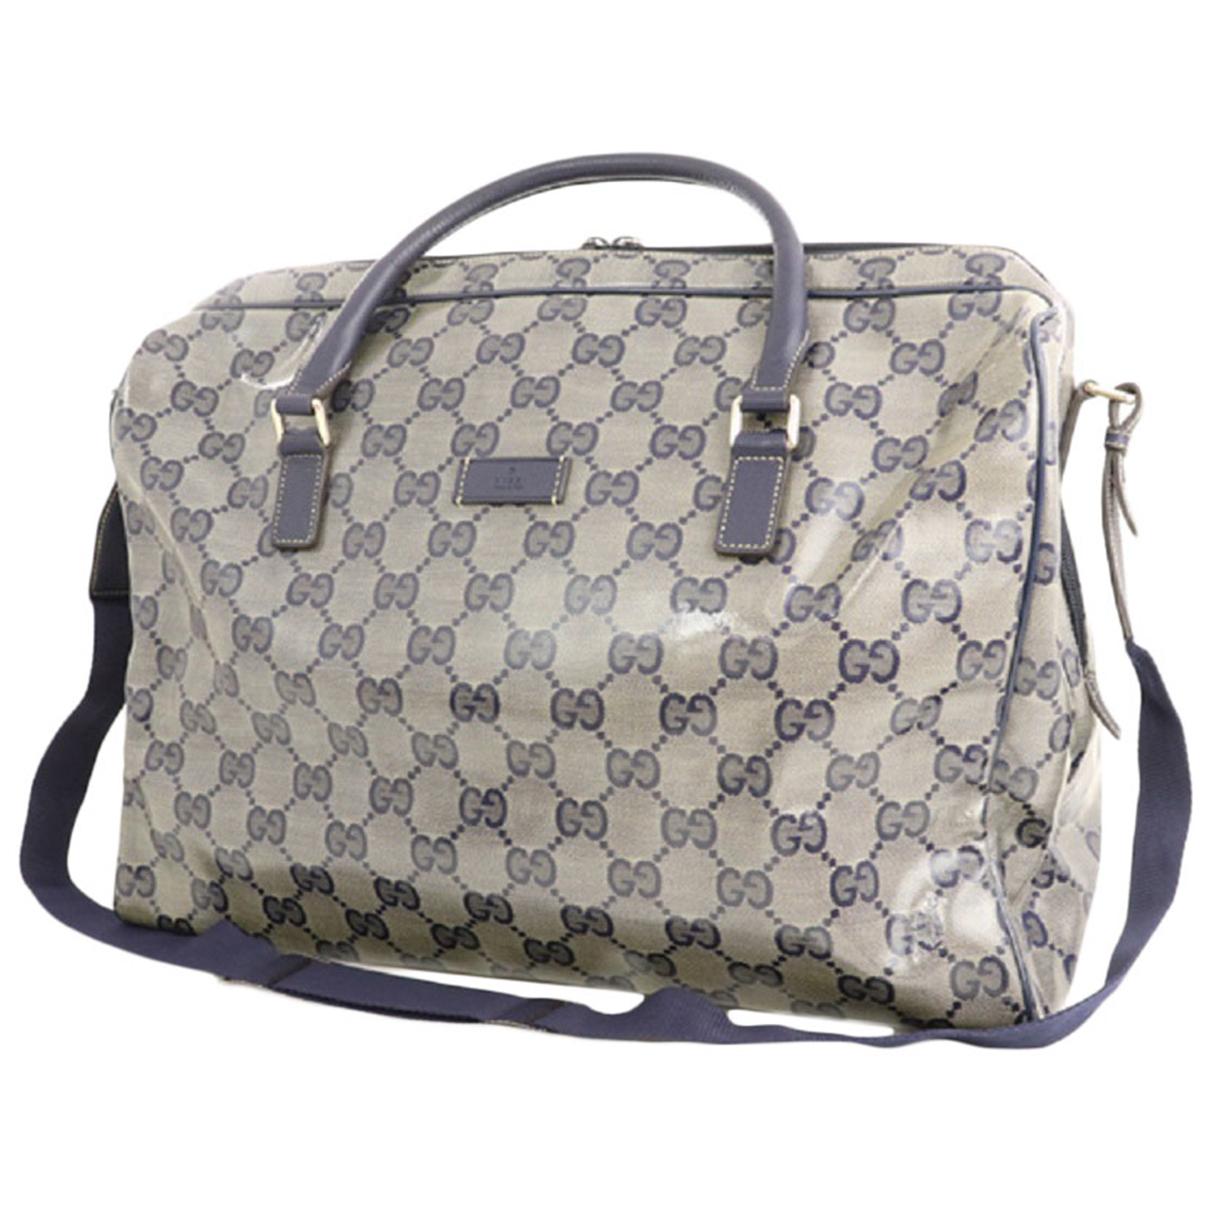 Gucci - Sac de voyage   pour femme en cuir